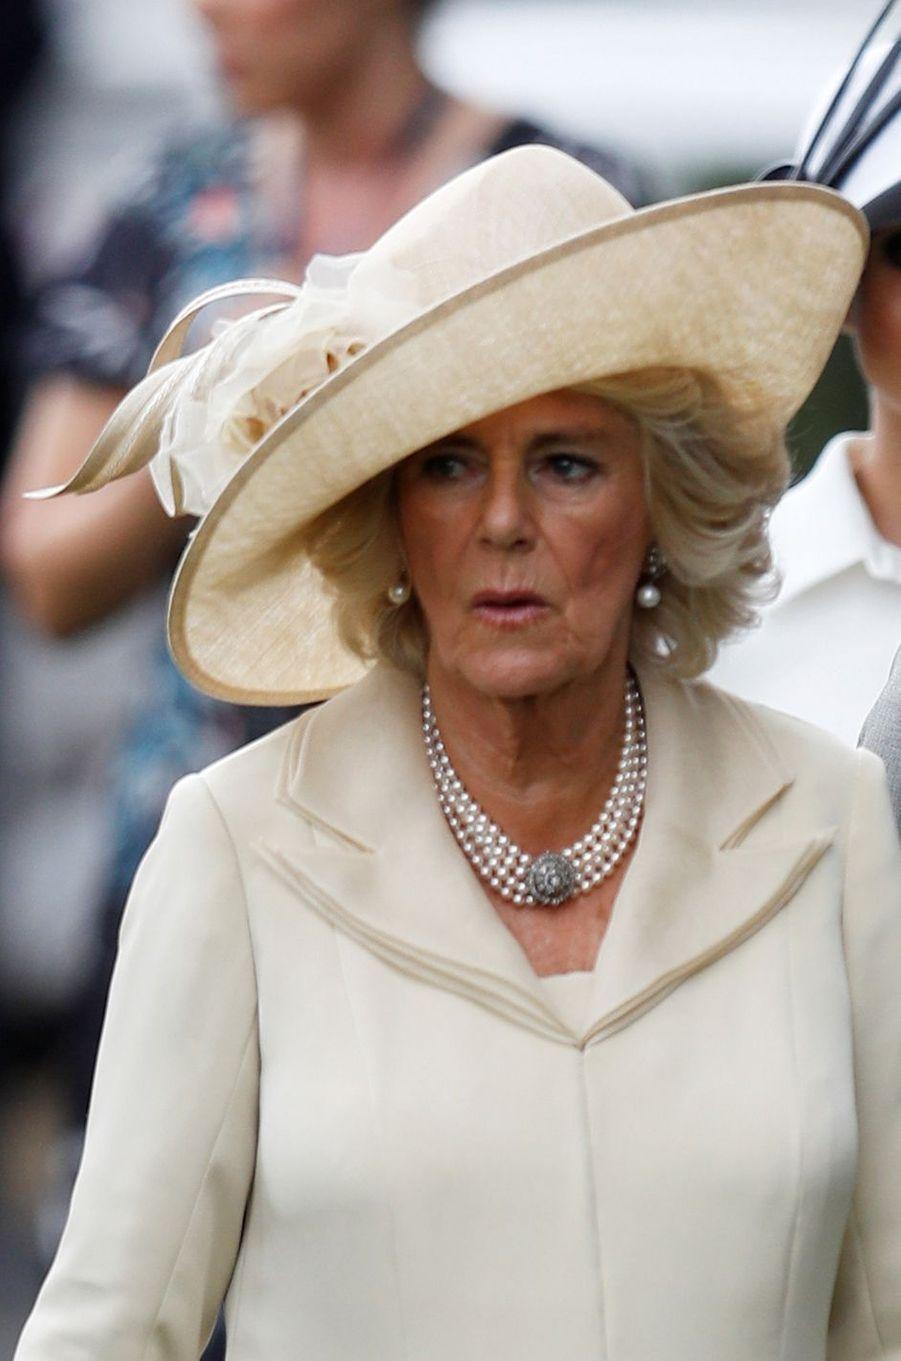 La duchesse de Cornouailles Camilla au Royal Ascot, le 19 juin 2018